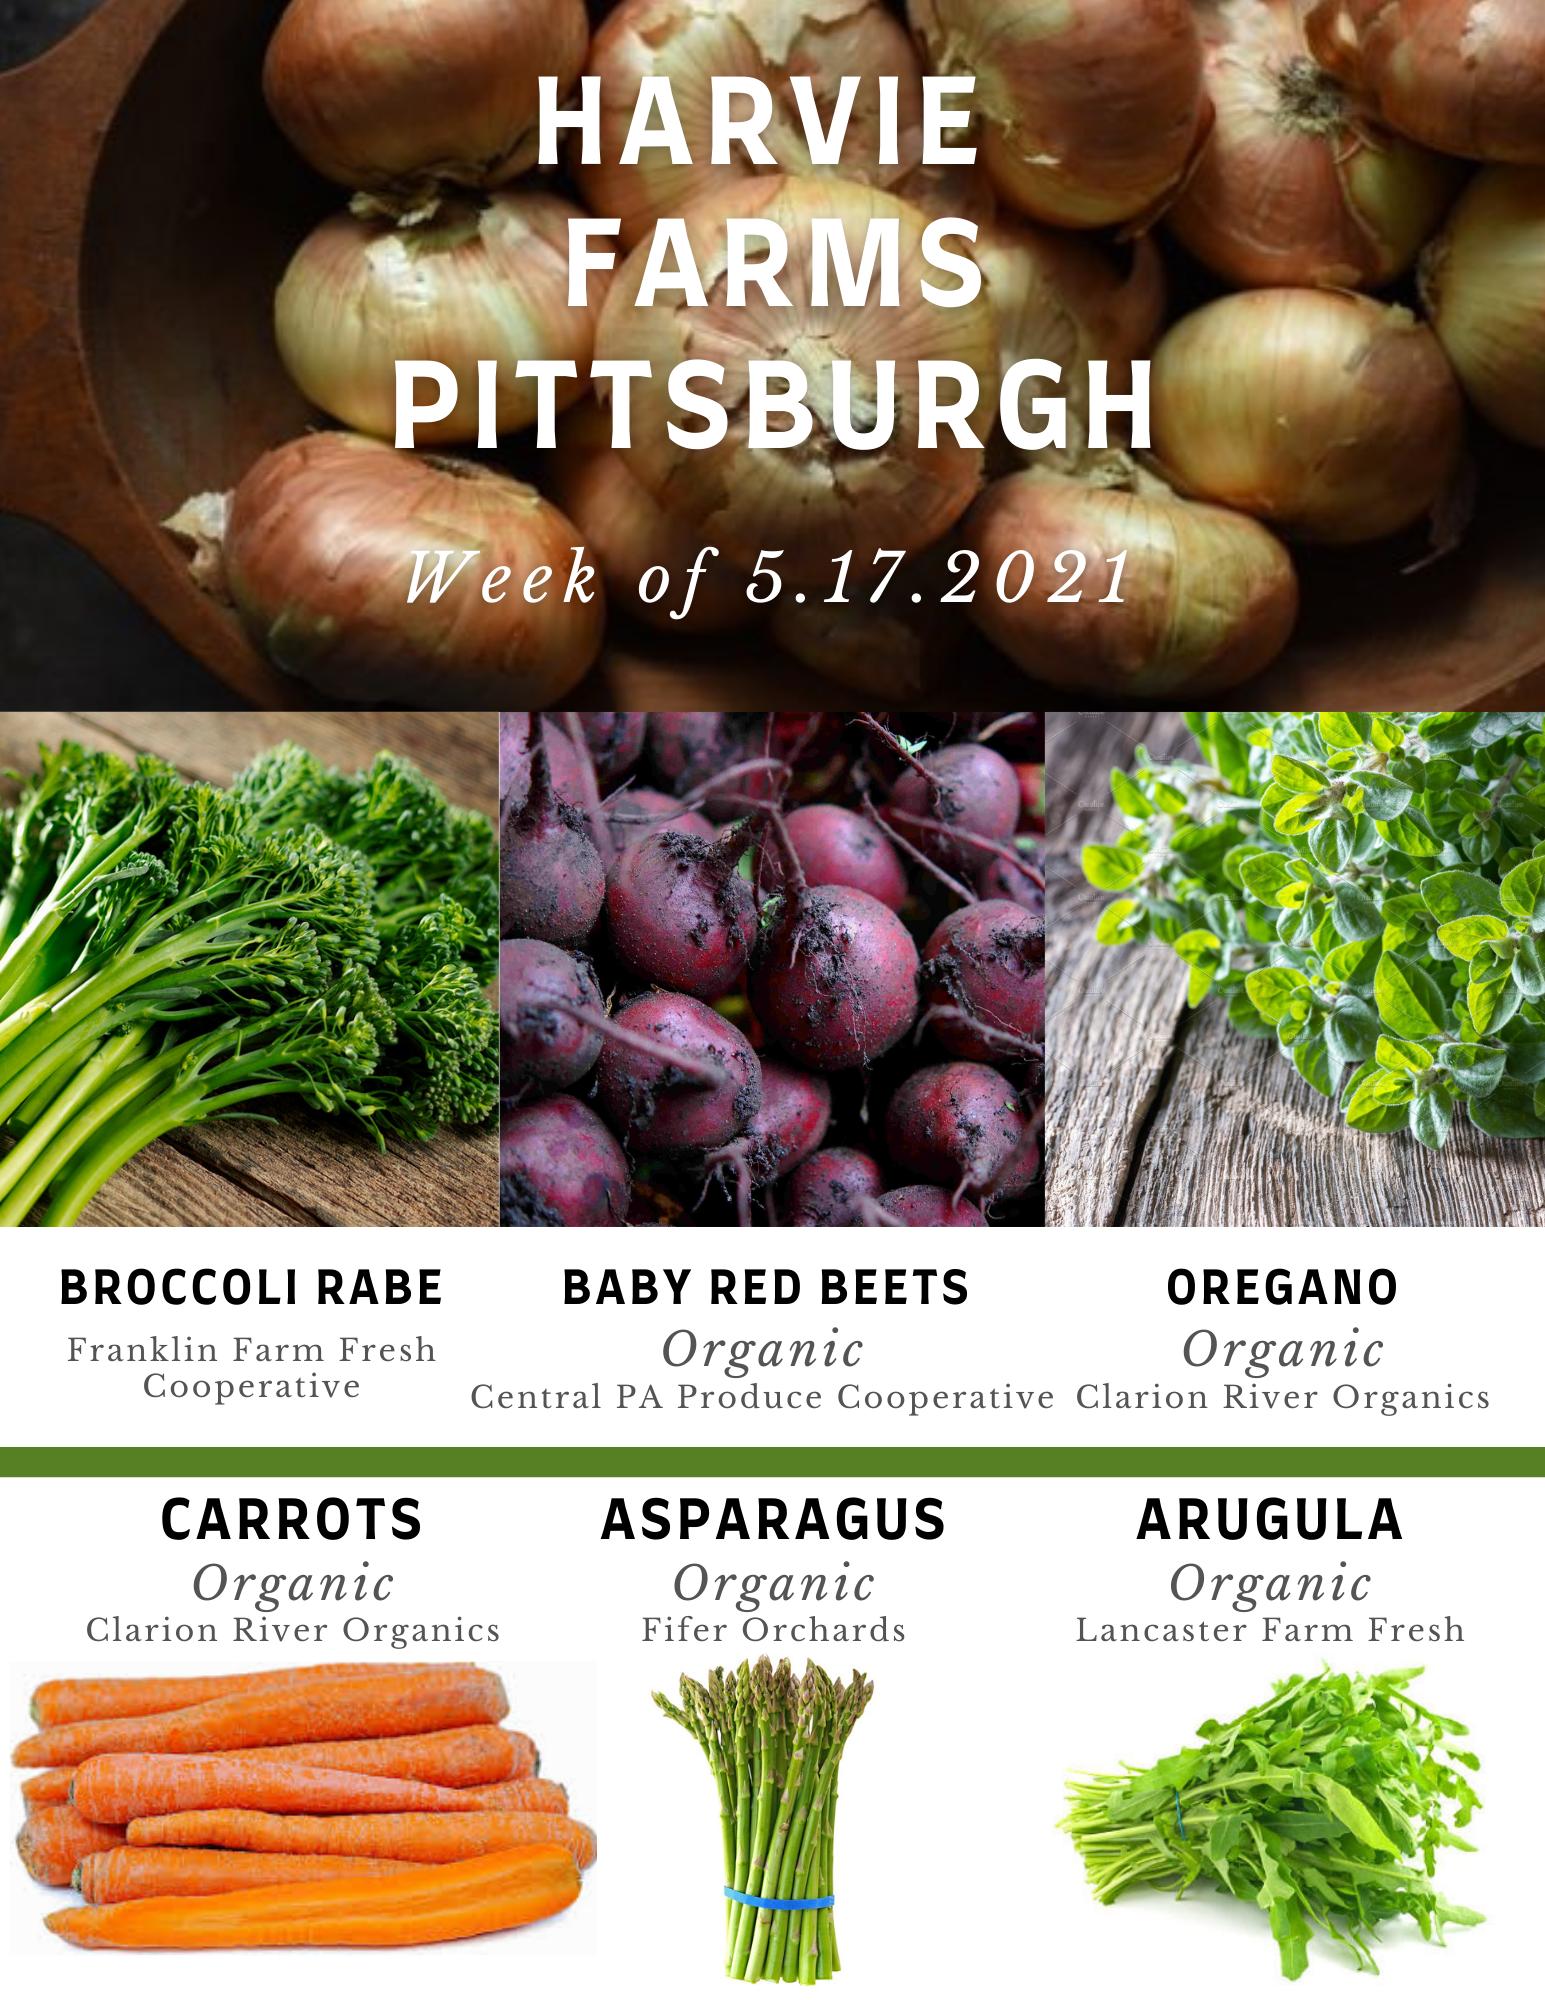 Harvie Farms Pittsburgh Week of 5/17/2021